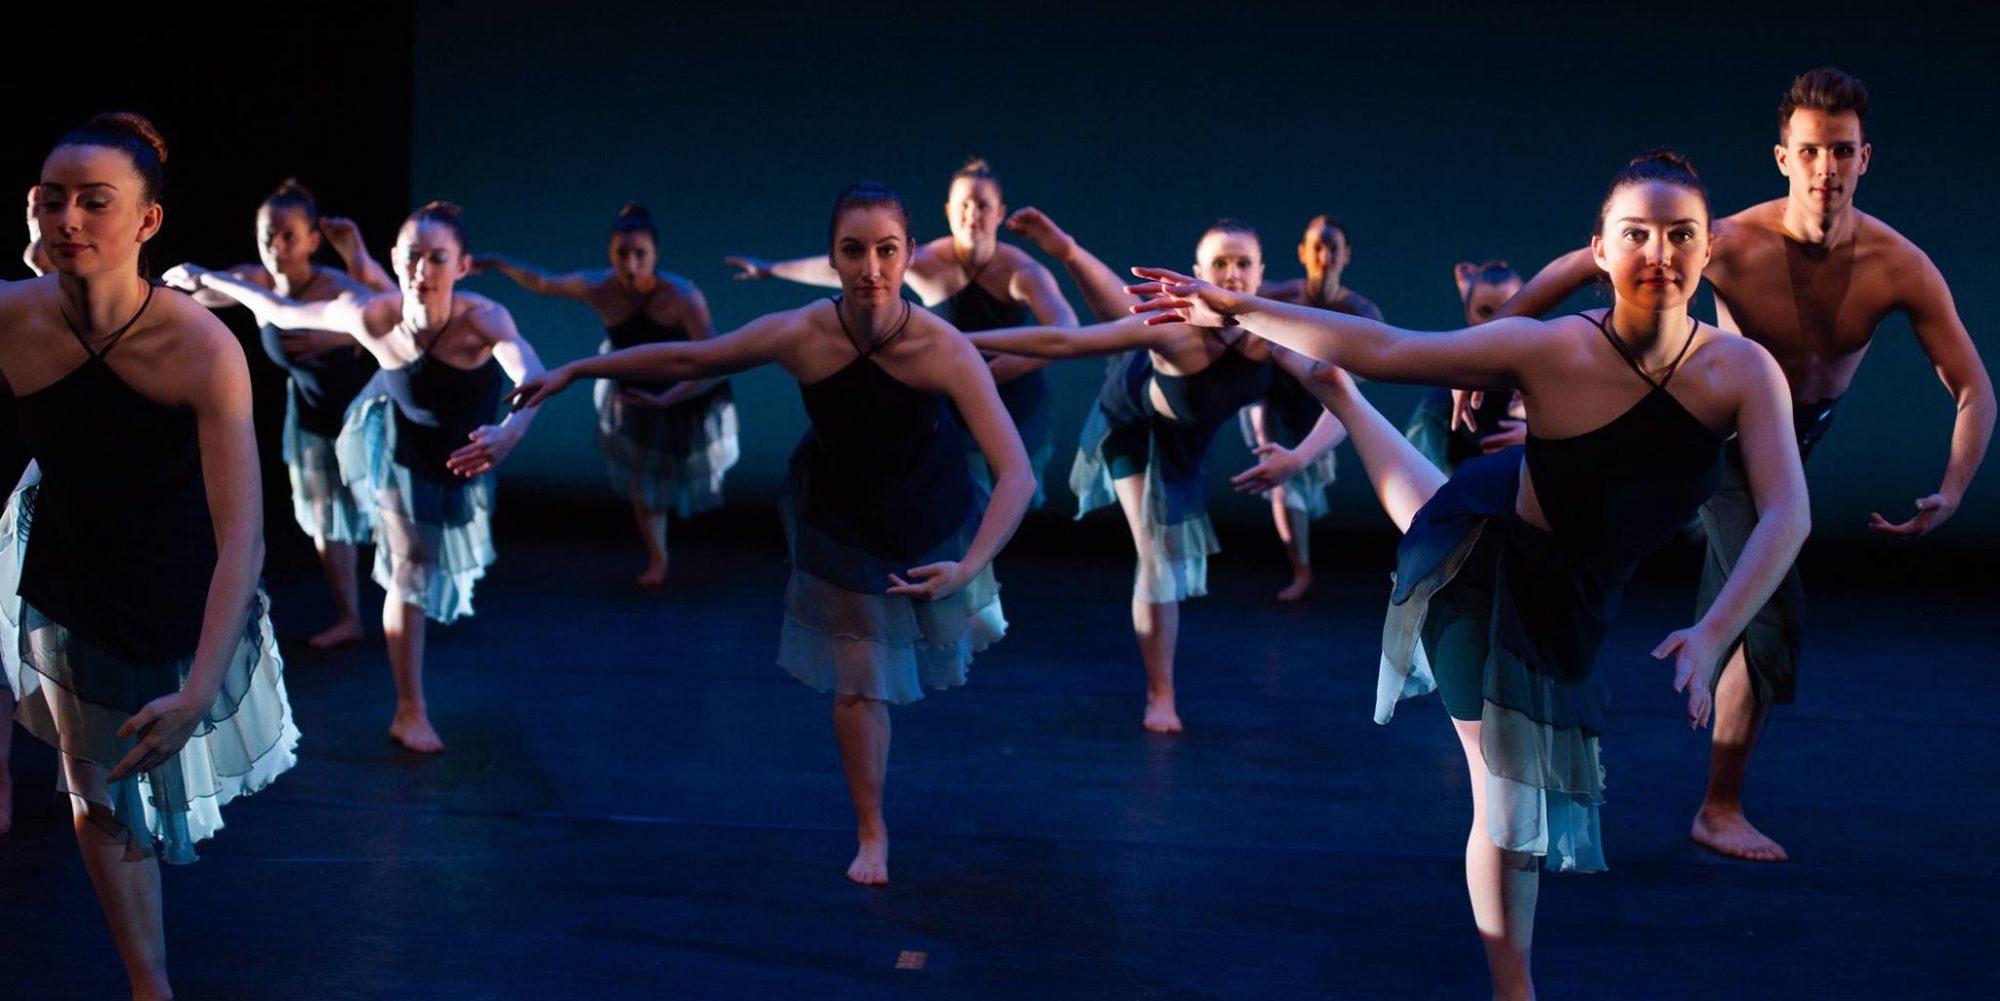 'Berg Dance